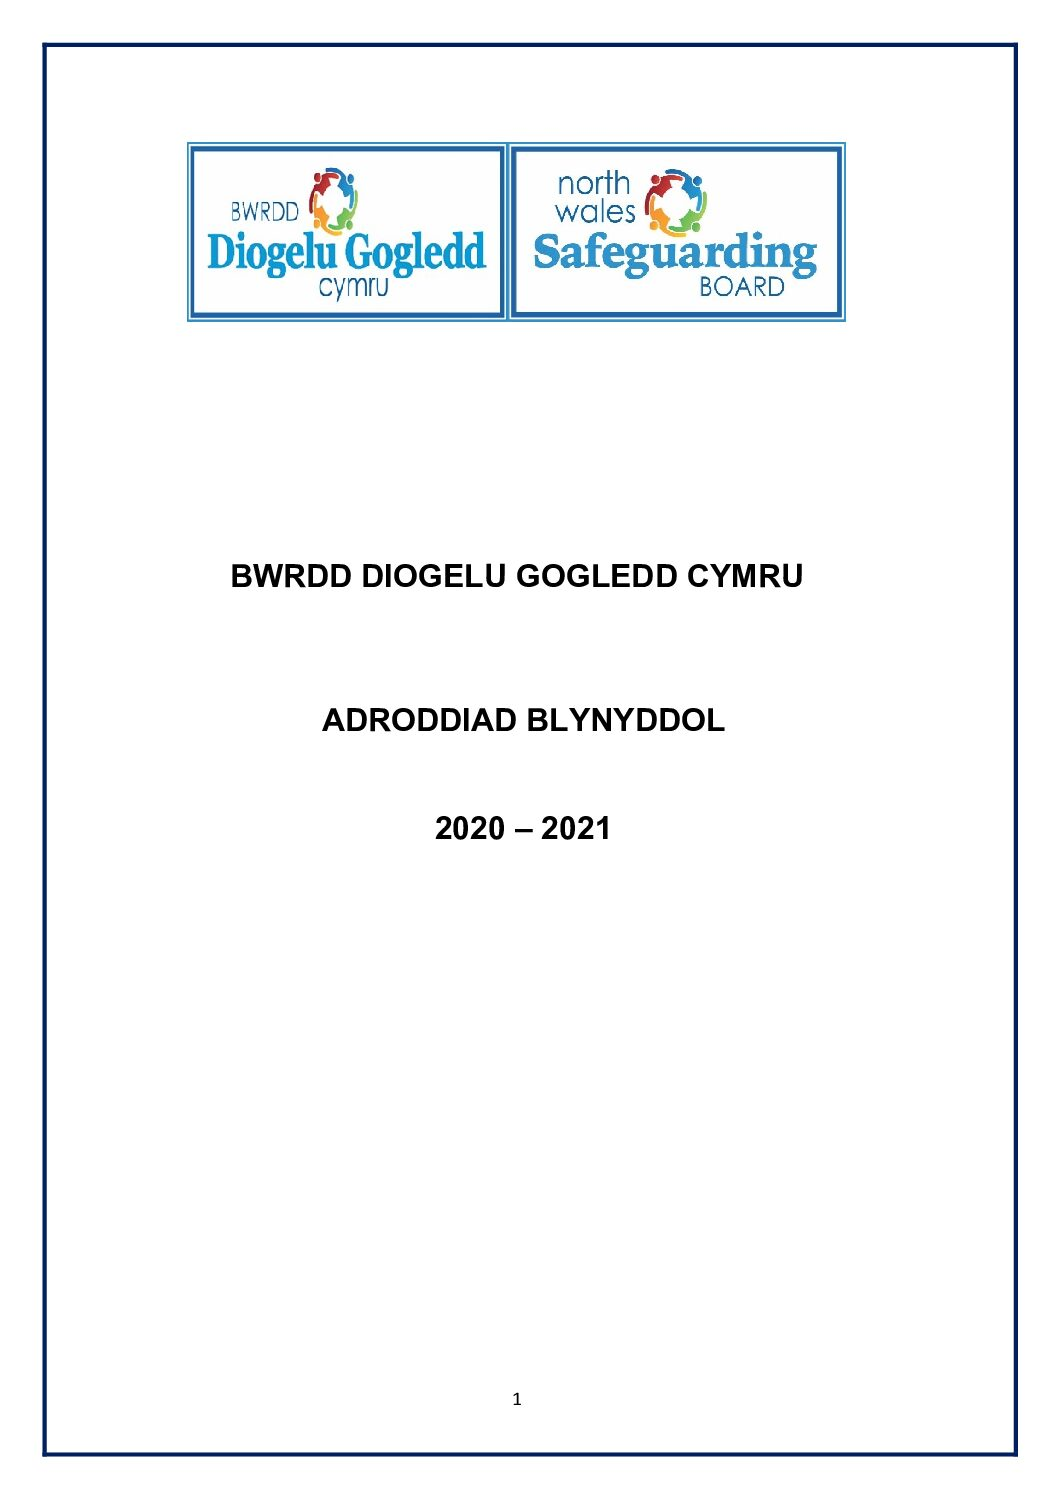 BDGC Adroddiad Blynddol 2020 /2021